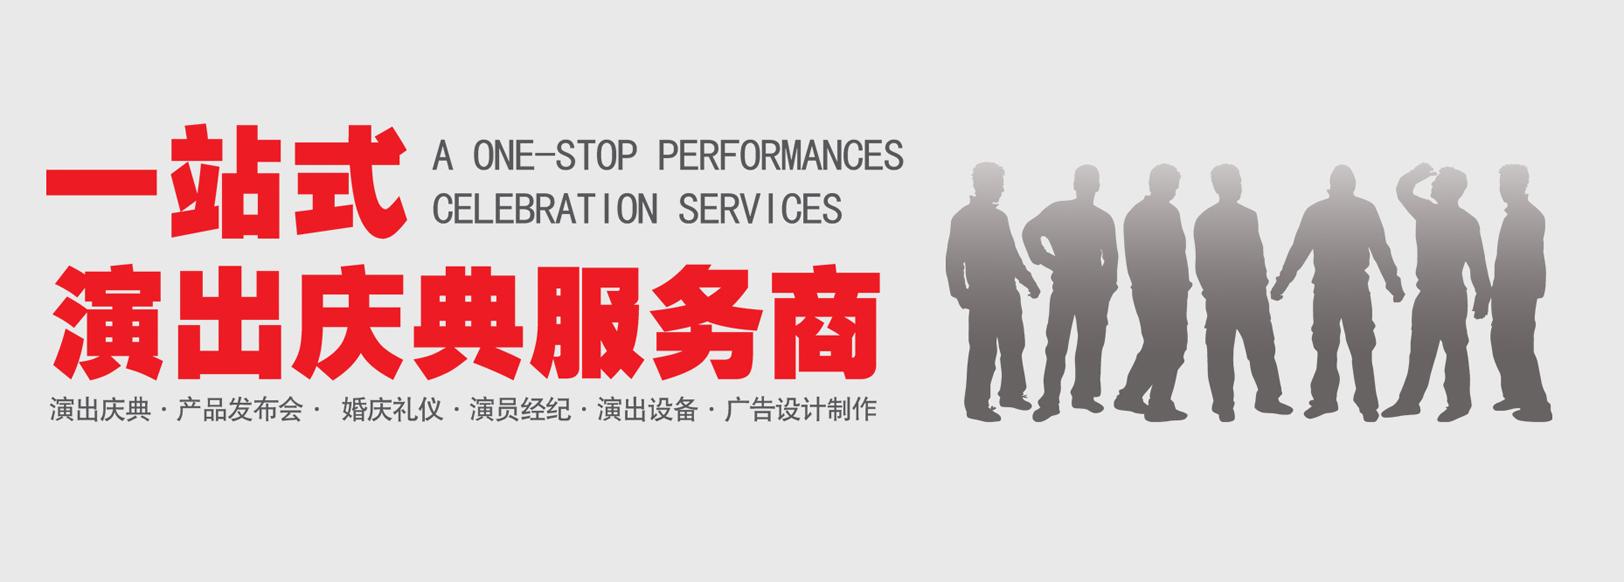 大型济南庆典设备租赁案例